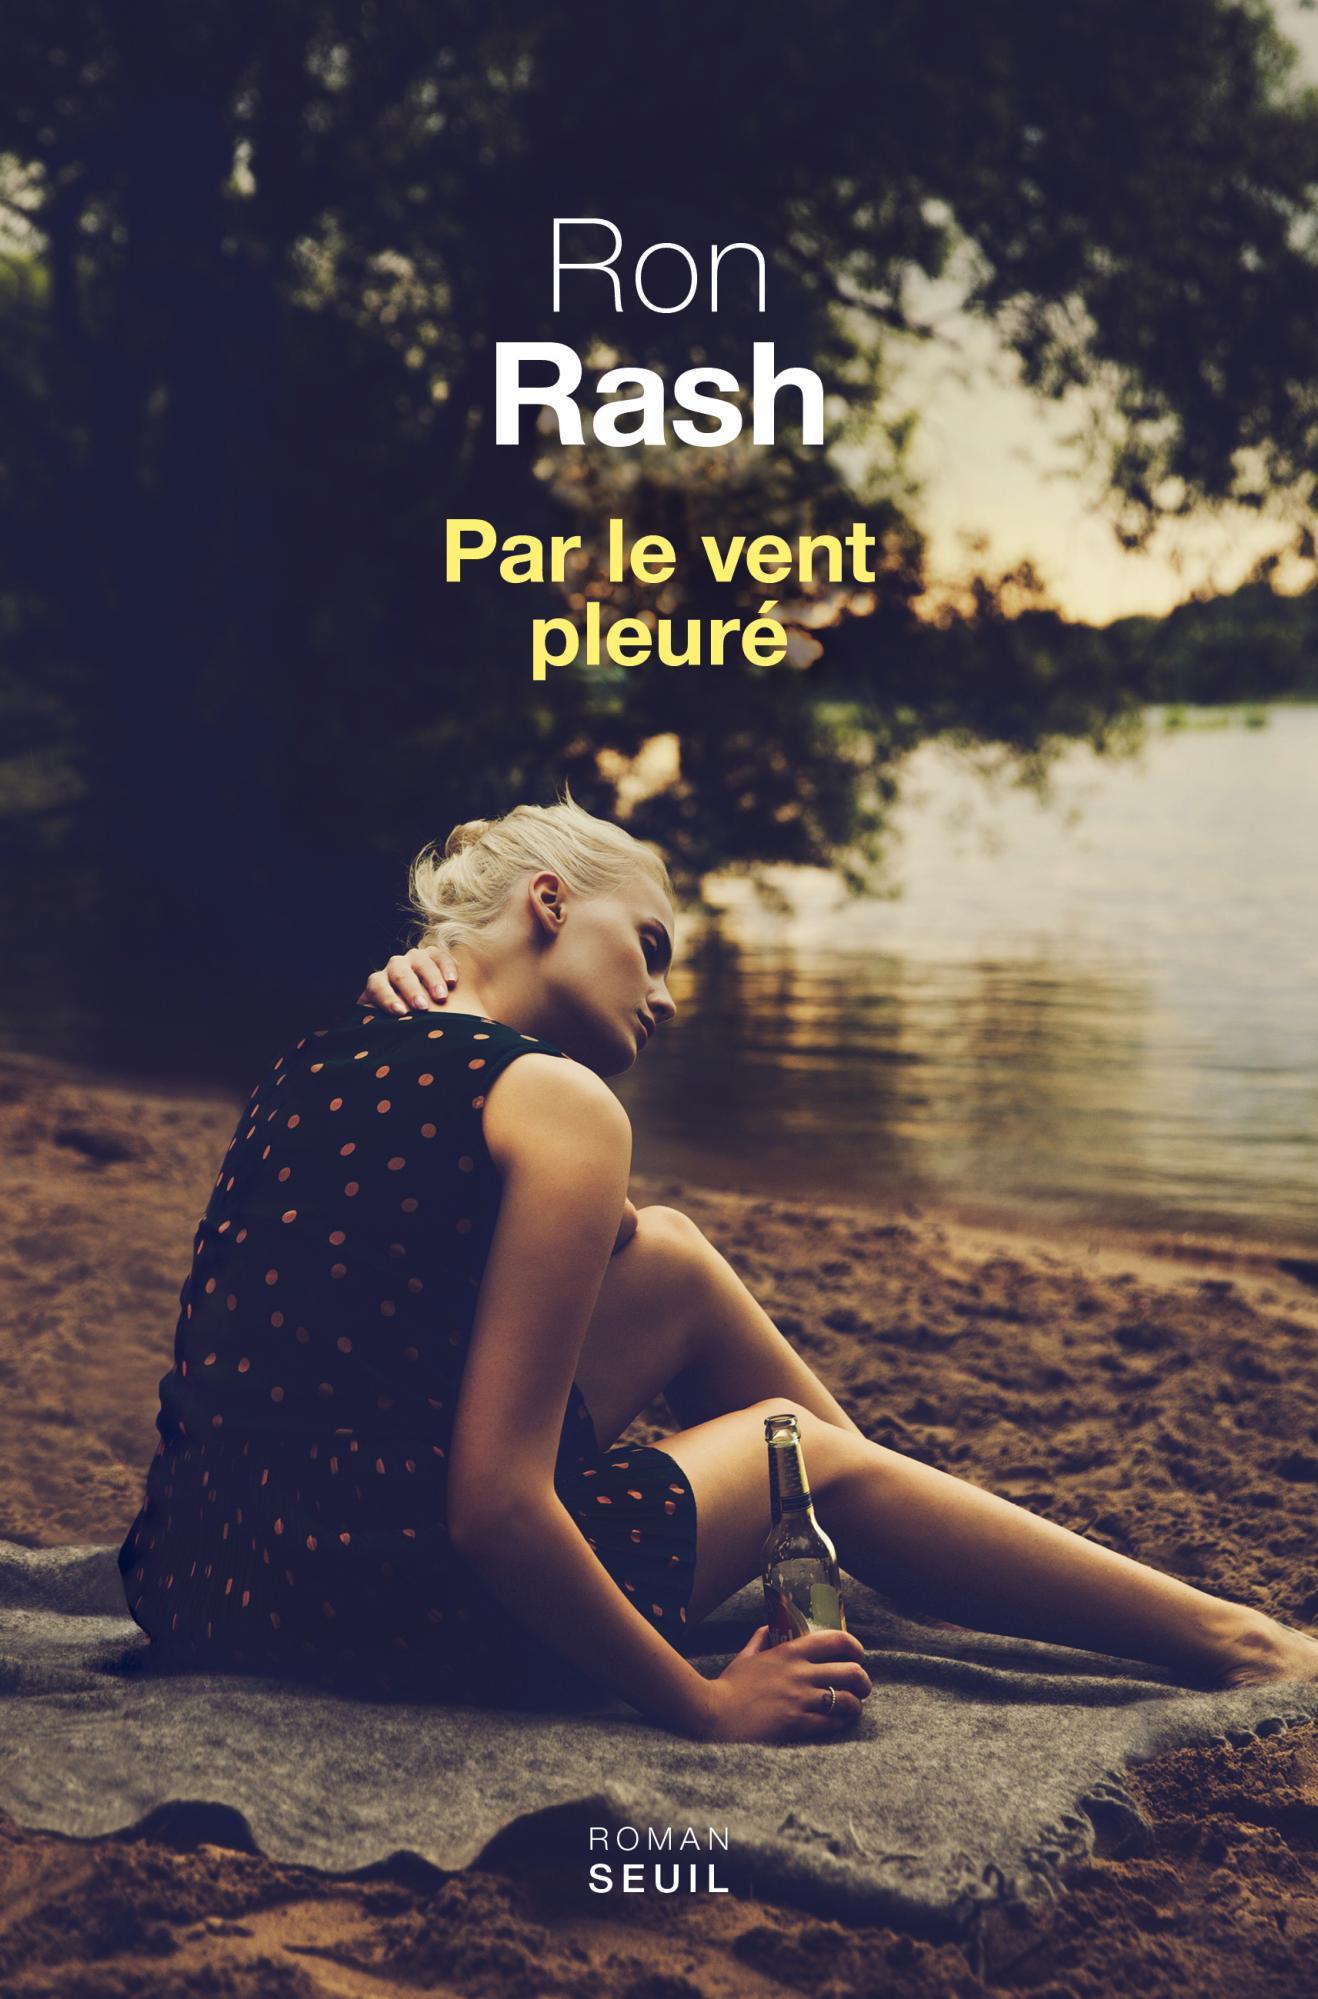 Ron Rash - Par Le vent pleuré (Rentrée Littérature 2017)